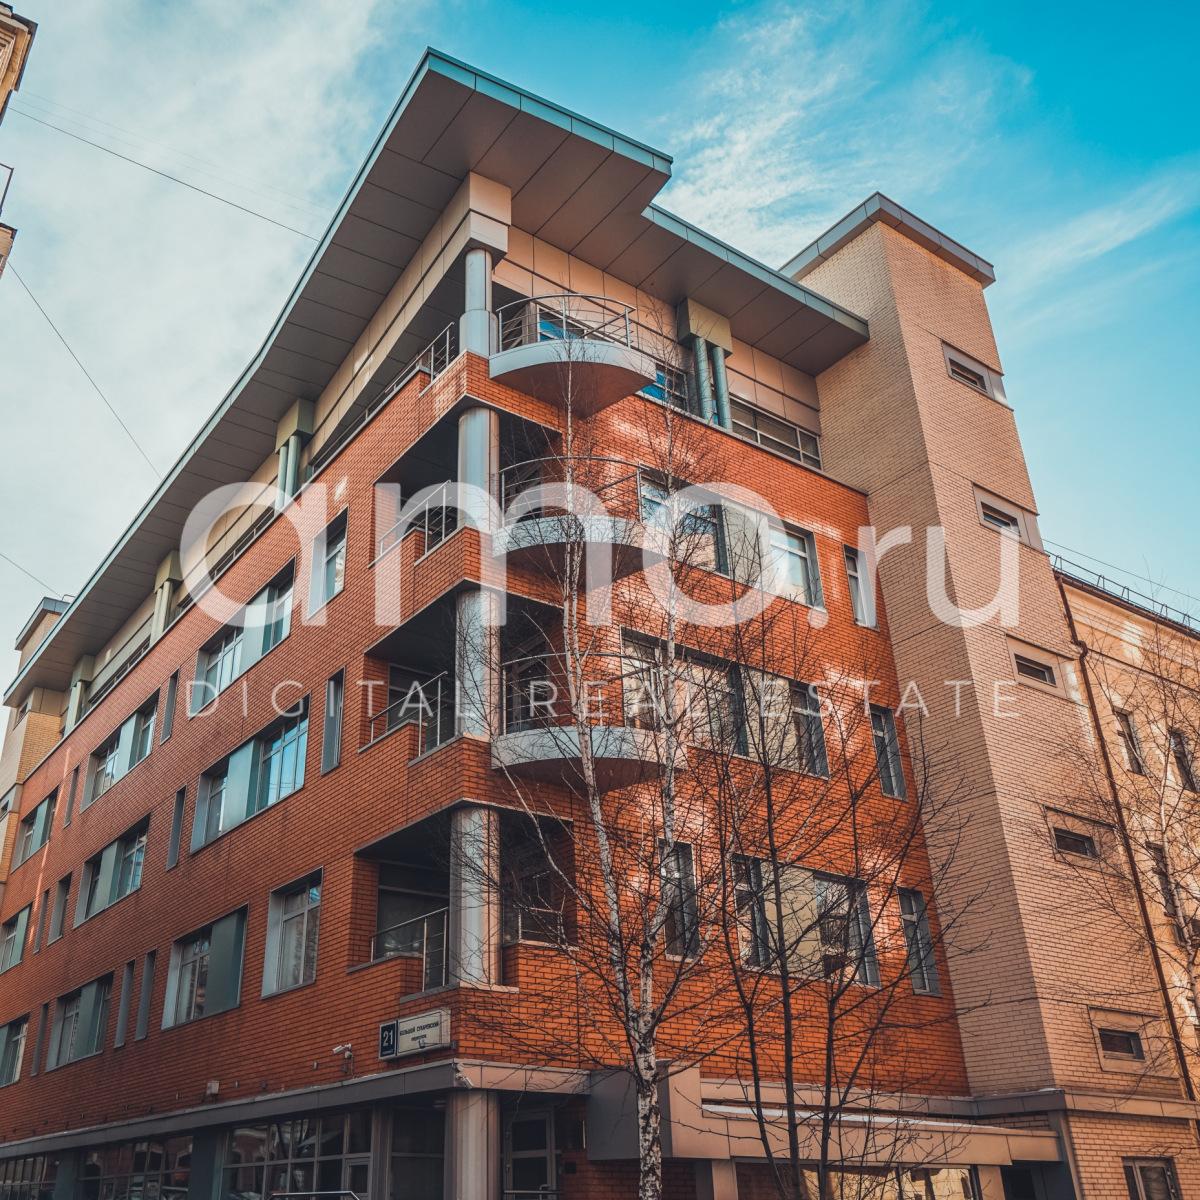 Аренда офисов на сухаревской аренда офиса отдельно стоящие здание